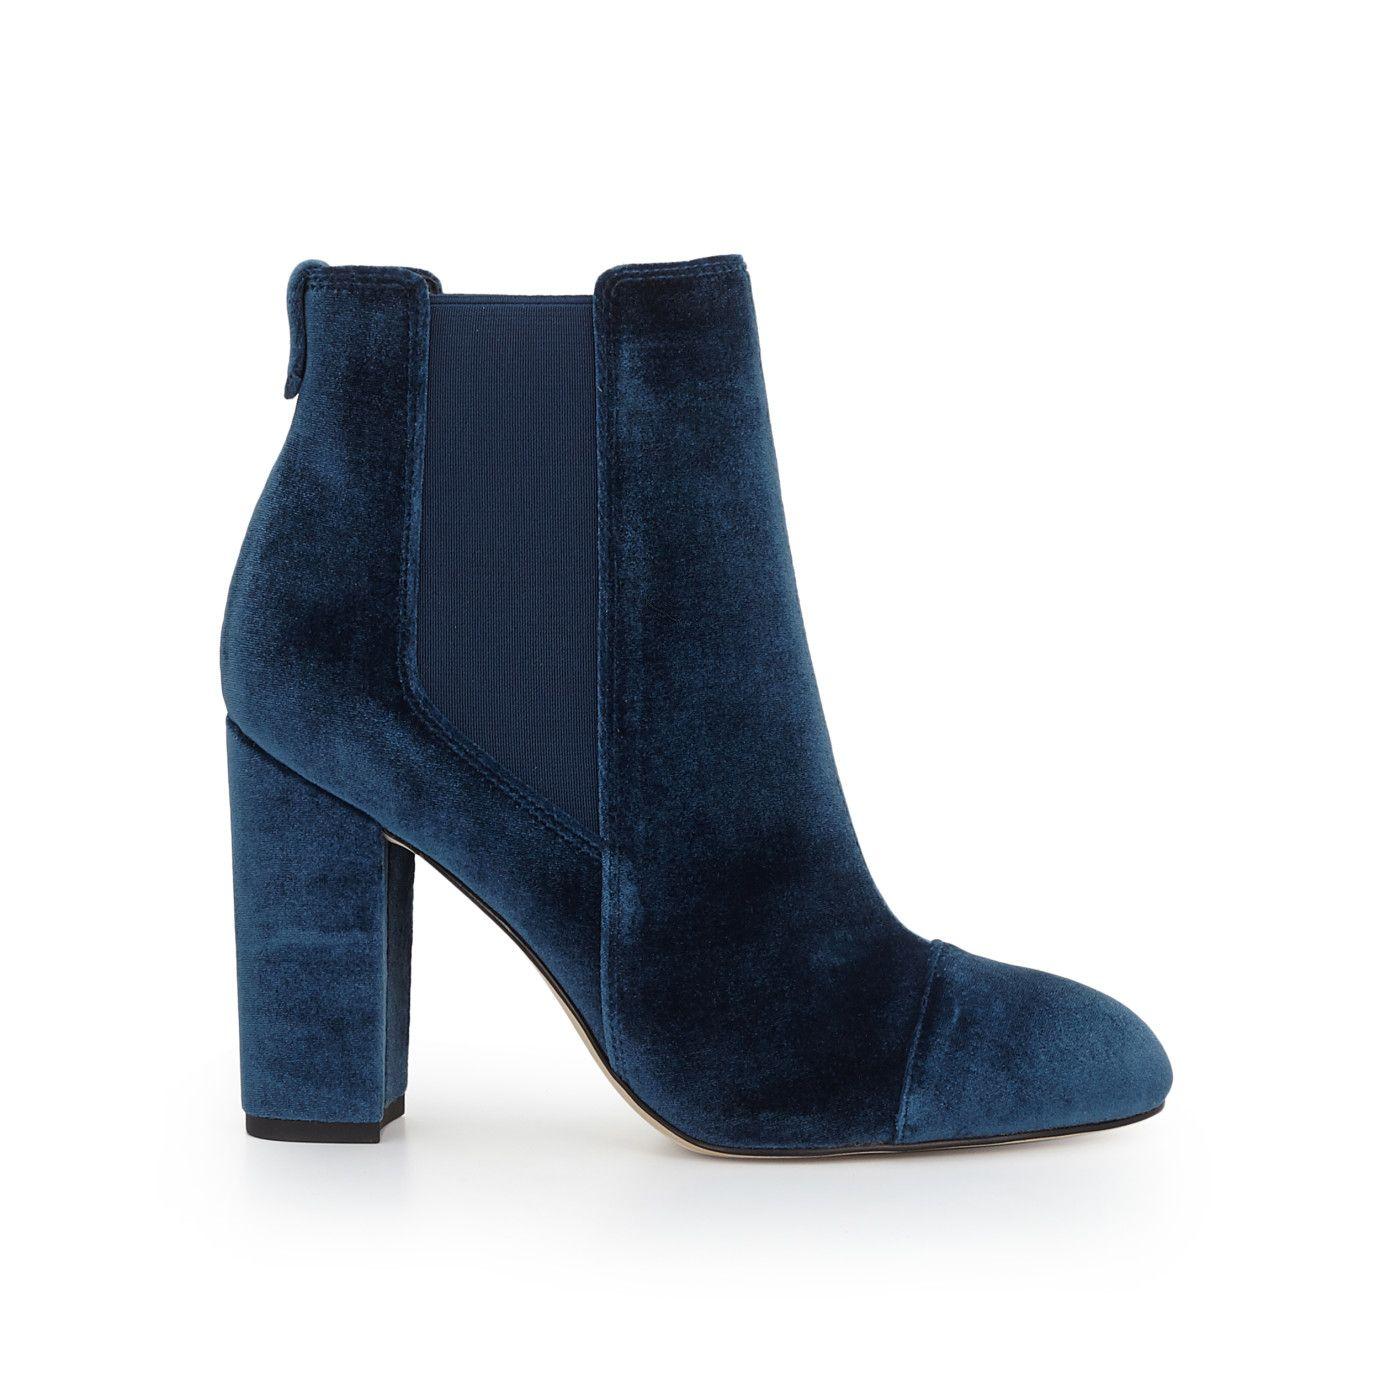 810638408 Case Ankle Bootie by Sam Edelman - Dark Blue Velvet - View 2